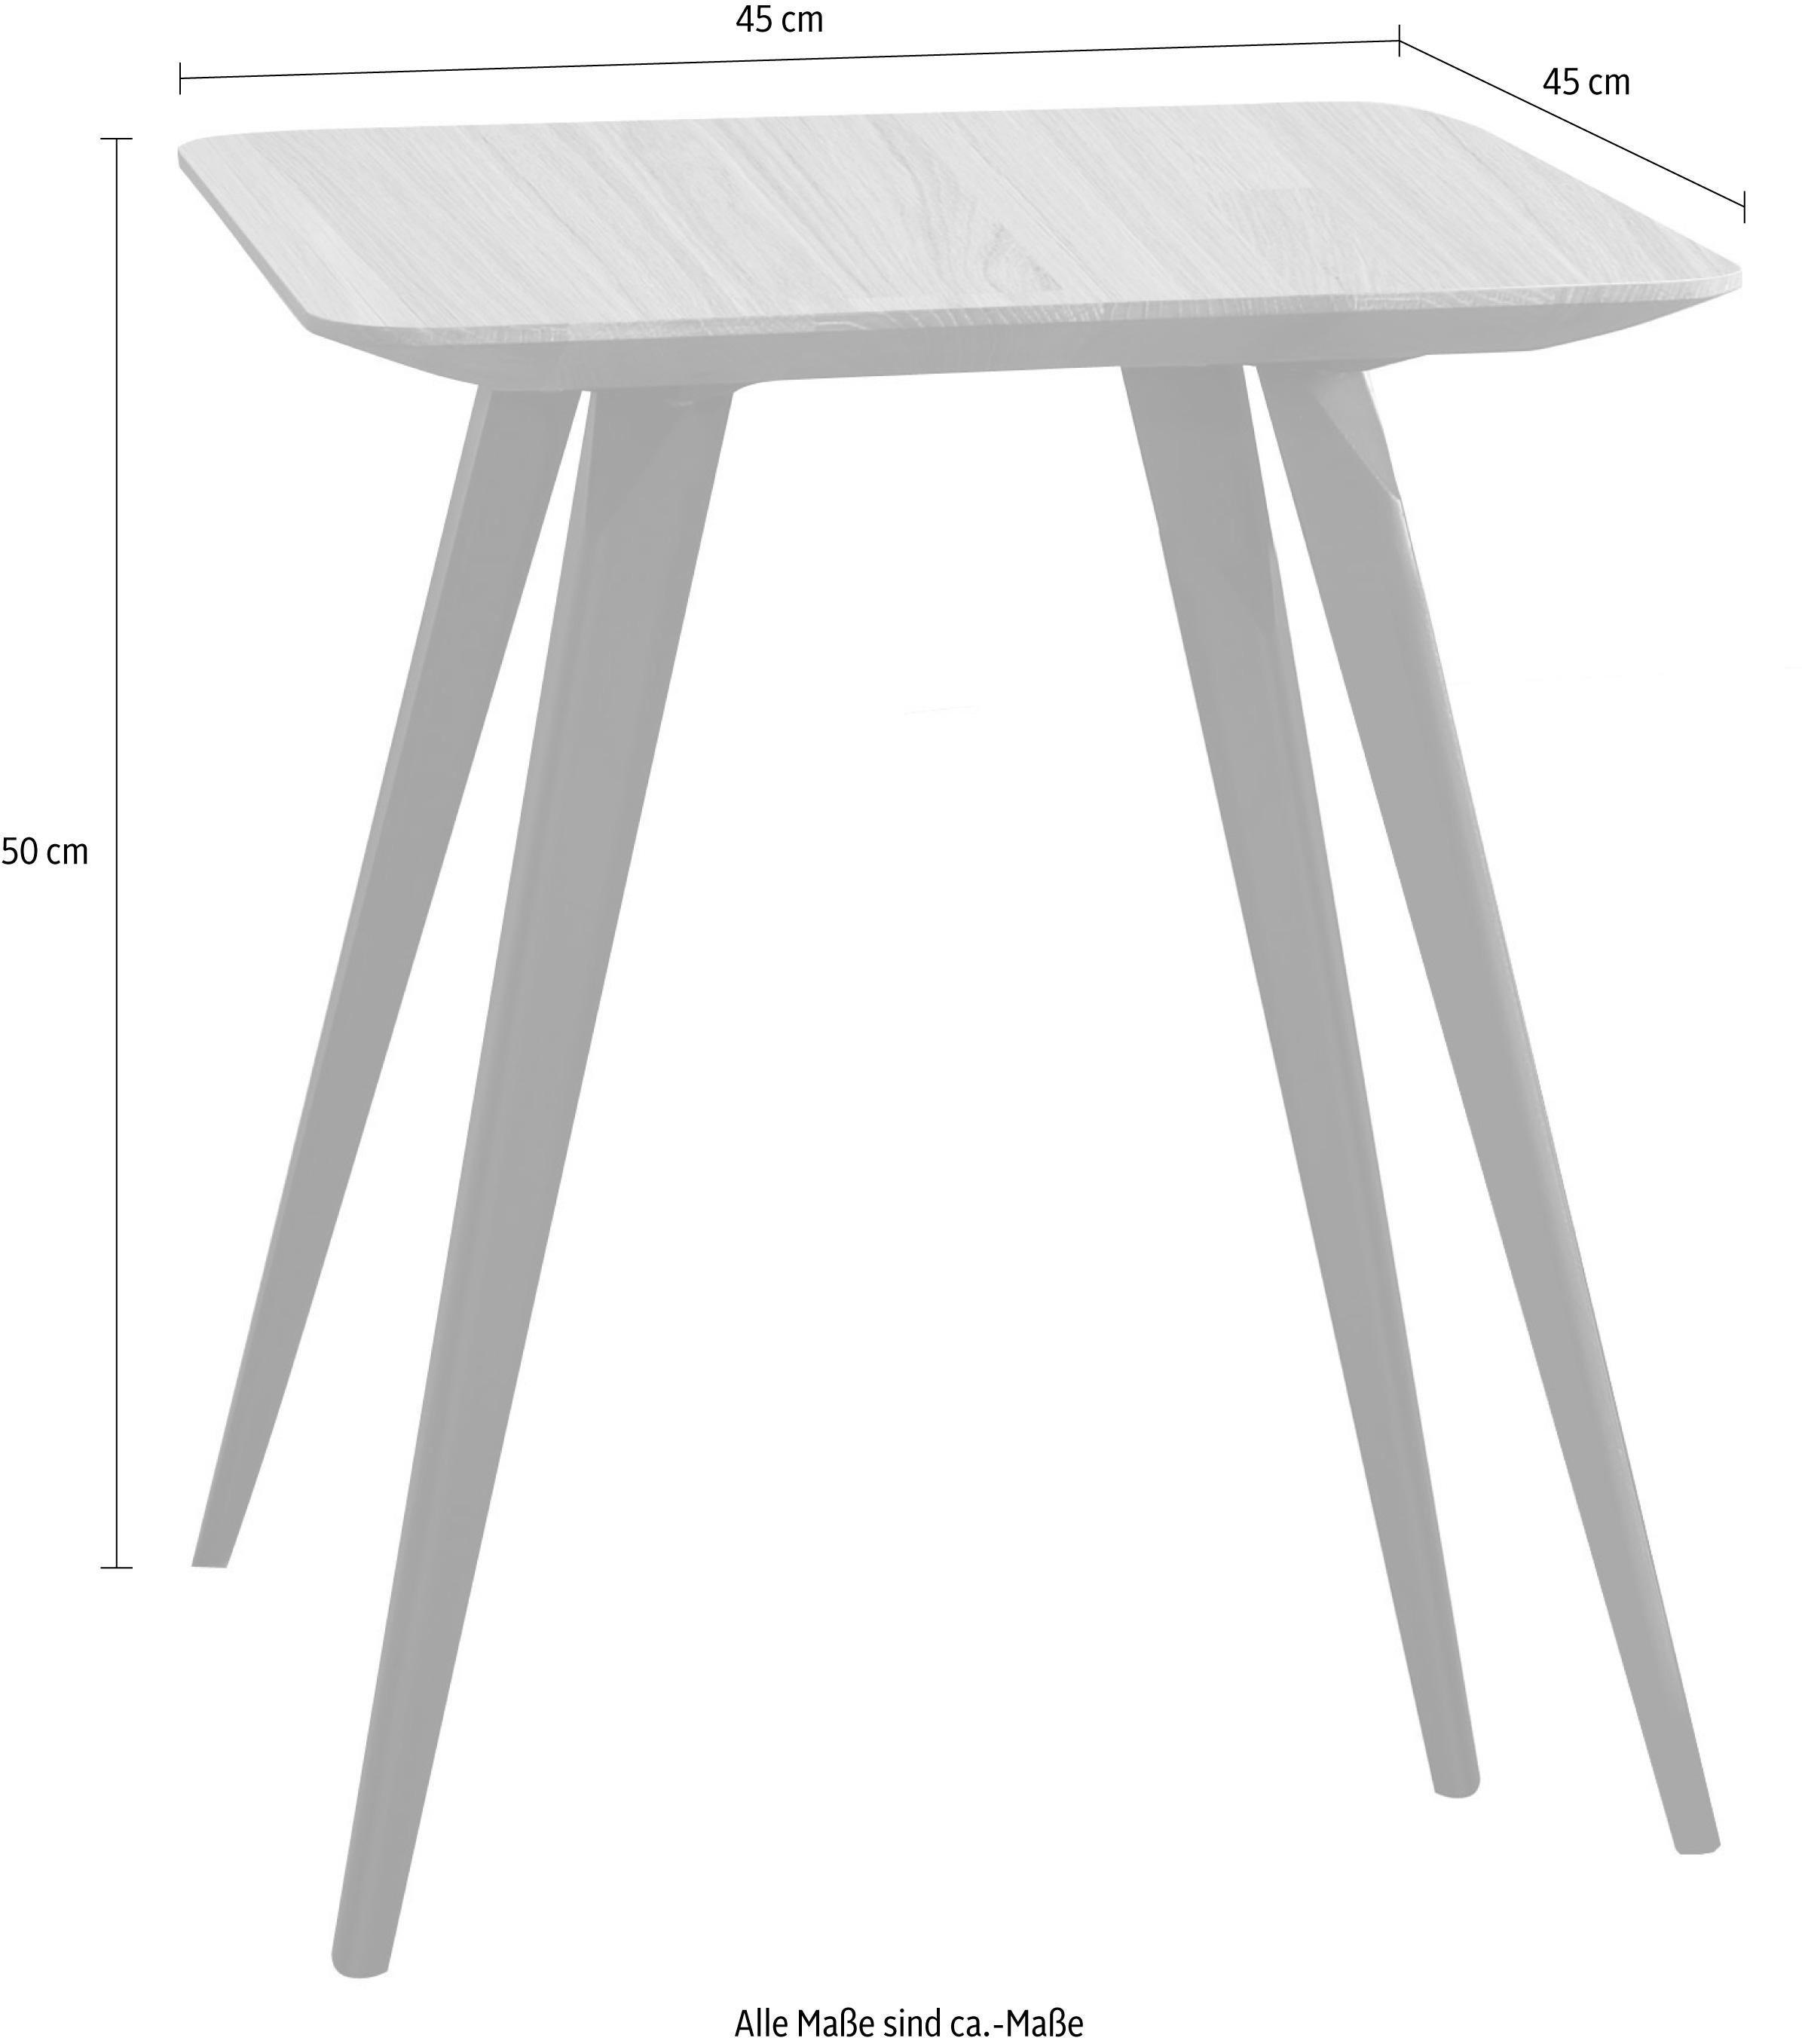 W.SCHILLIG Couchtisch »jalka« mit langen Metallbeinen, Höhe 50 cm | Wohnzimmer > Tische > Couchtische | Leder - Eiche - Pulverbeschichtet | W.SCHILLIG